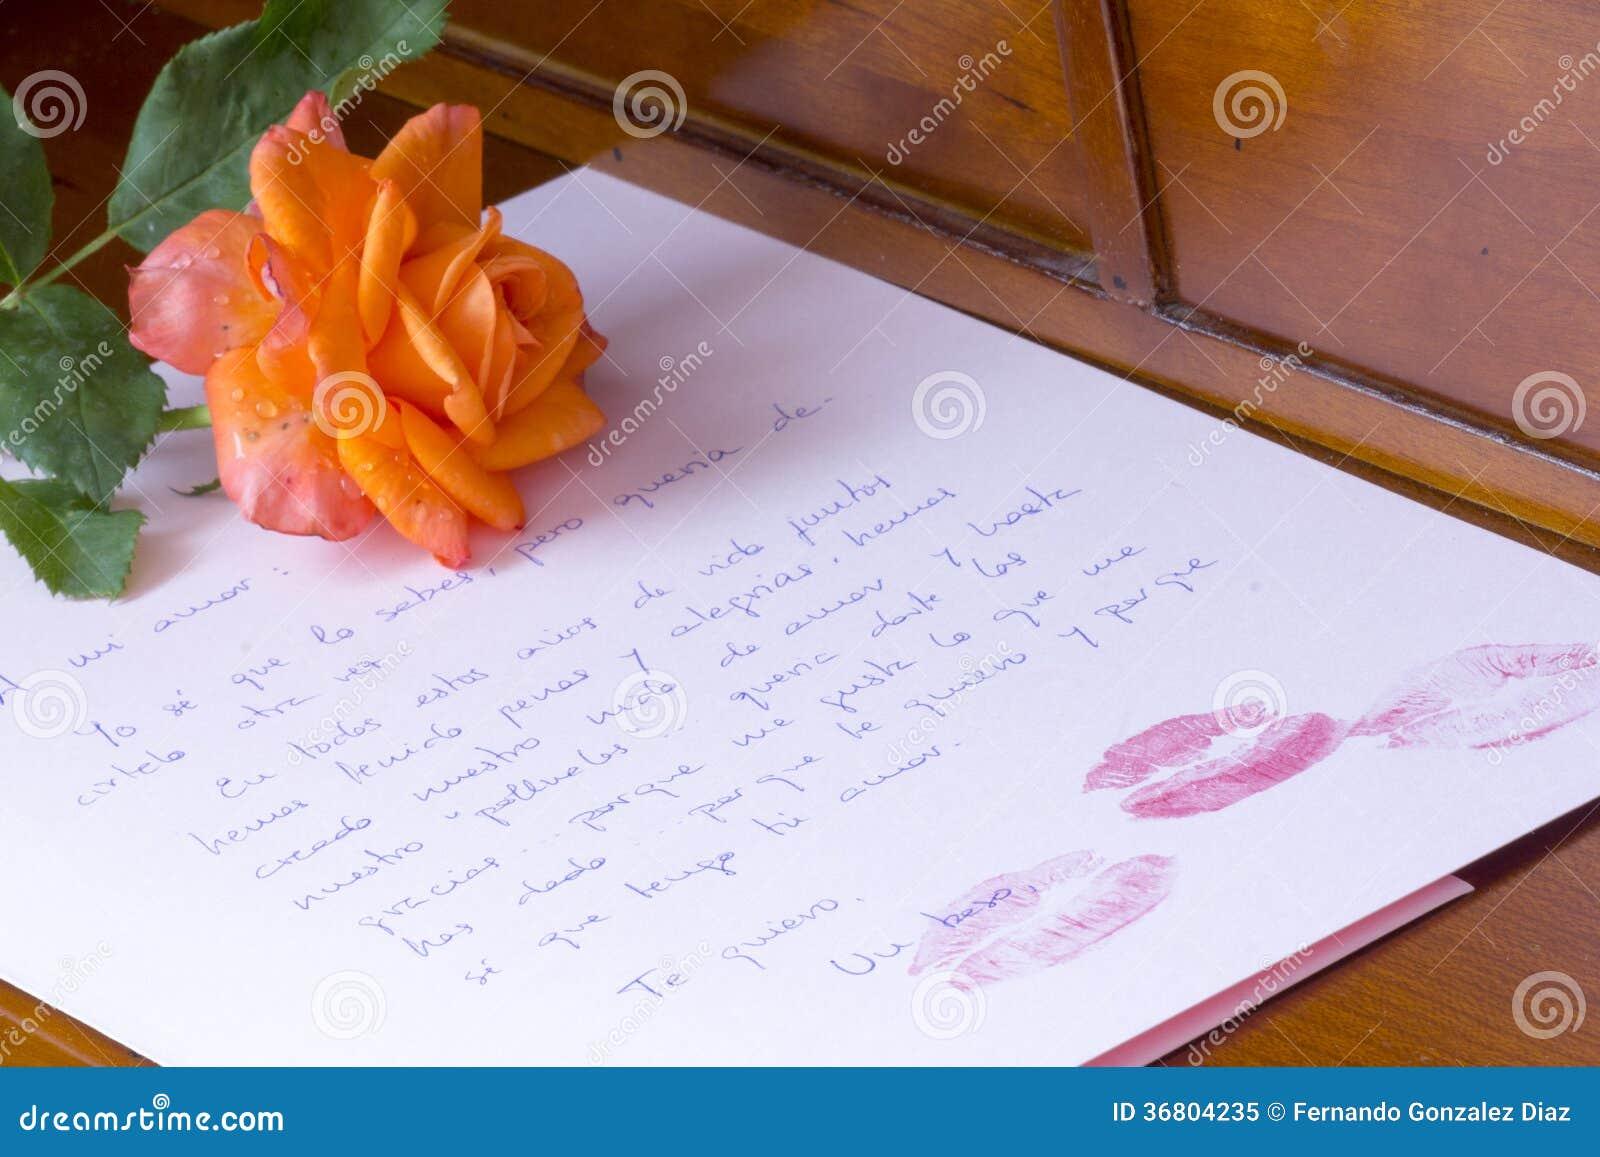 Carta De Amor Stock Afbeelding Afbeelding Bestaande Uit Rosa 36804235